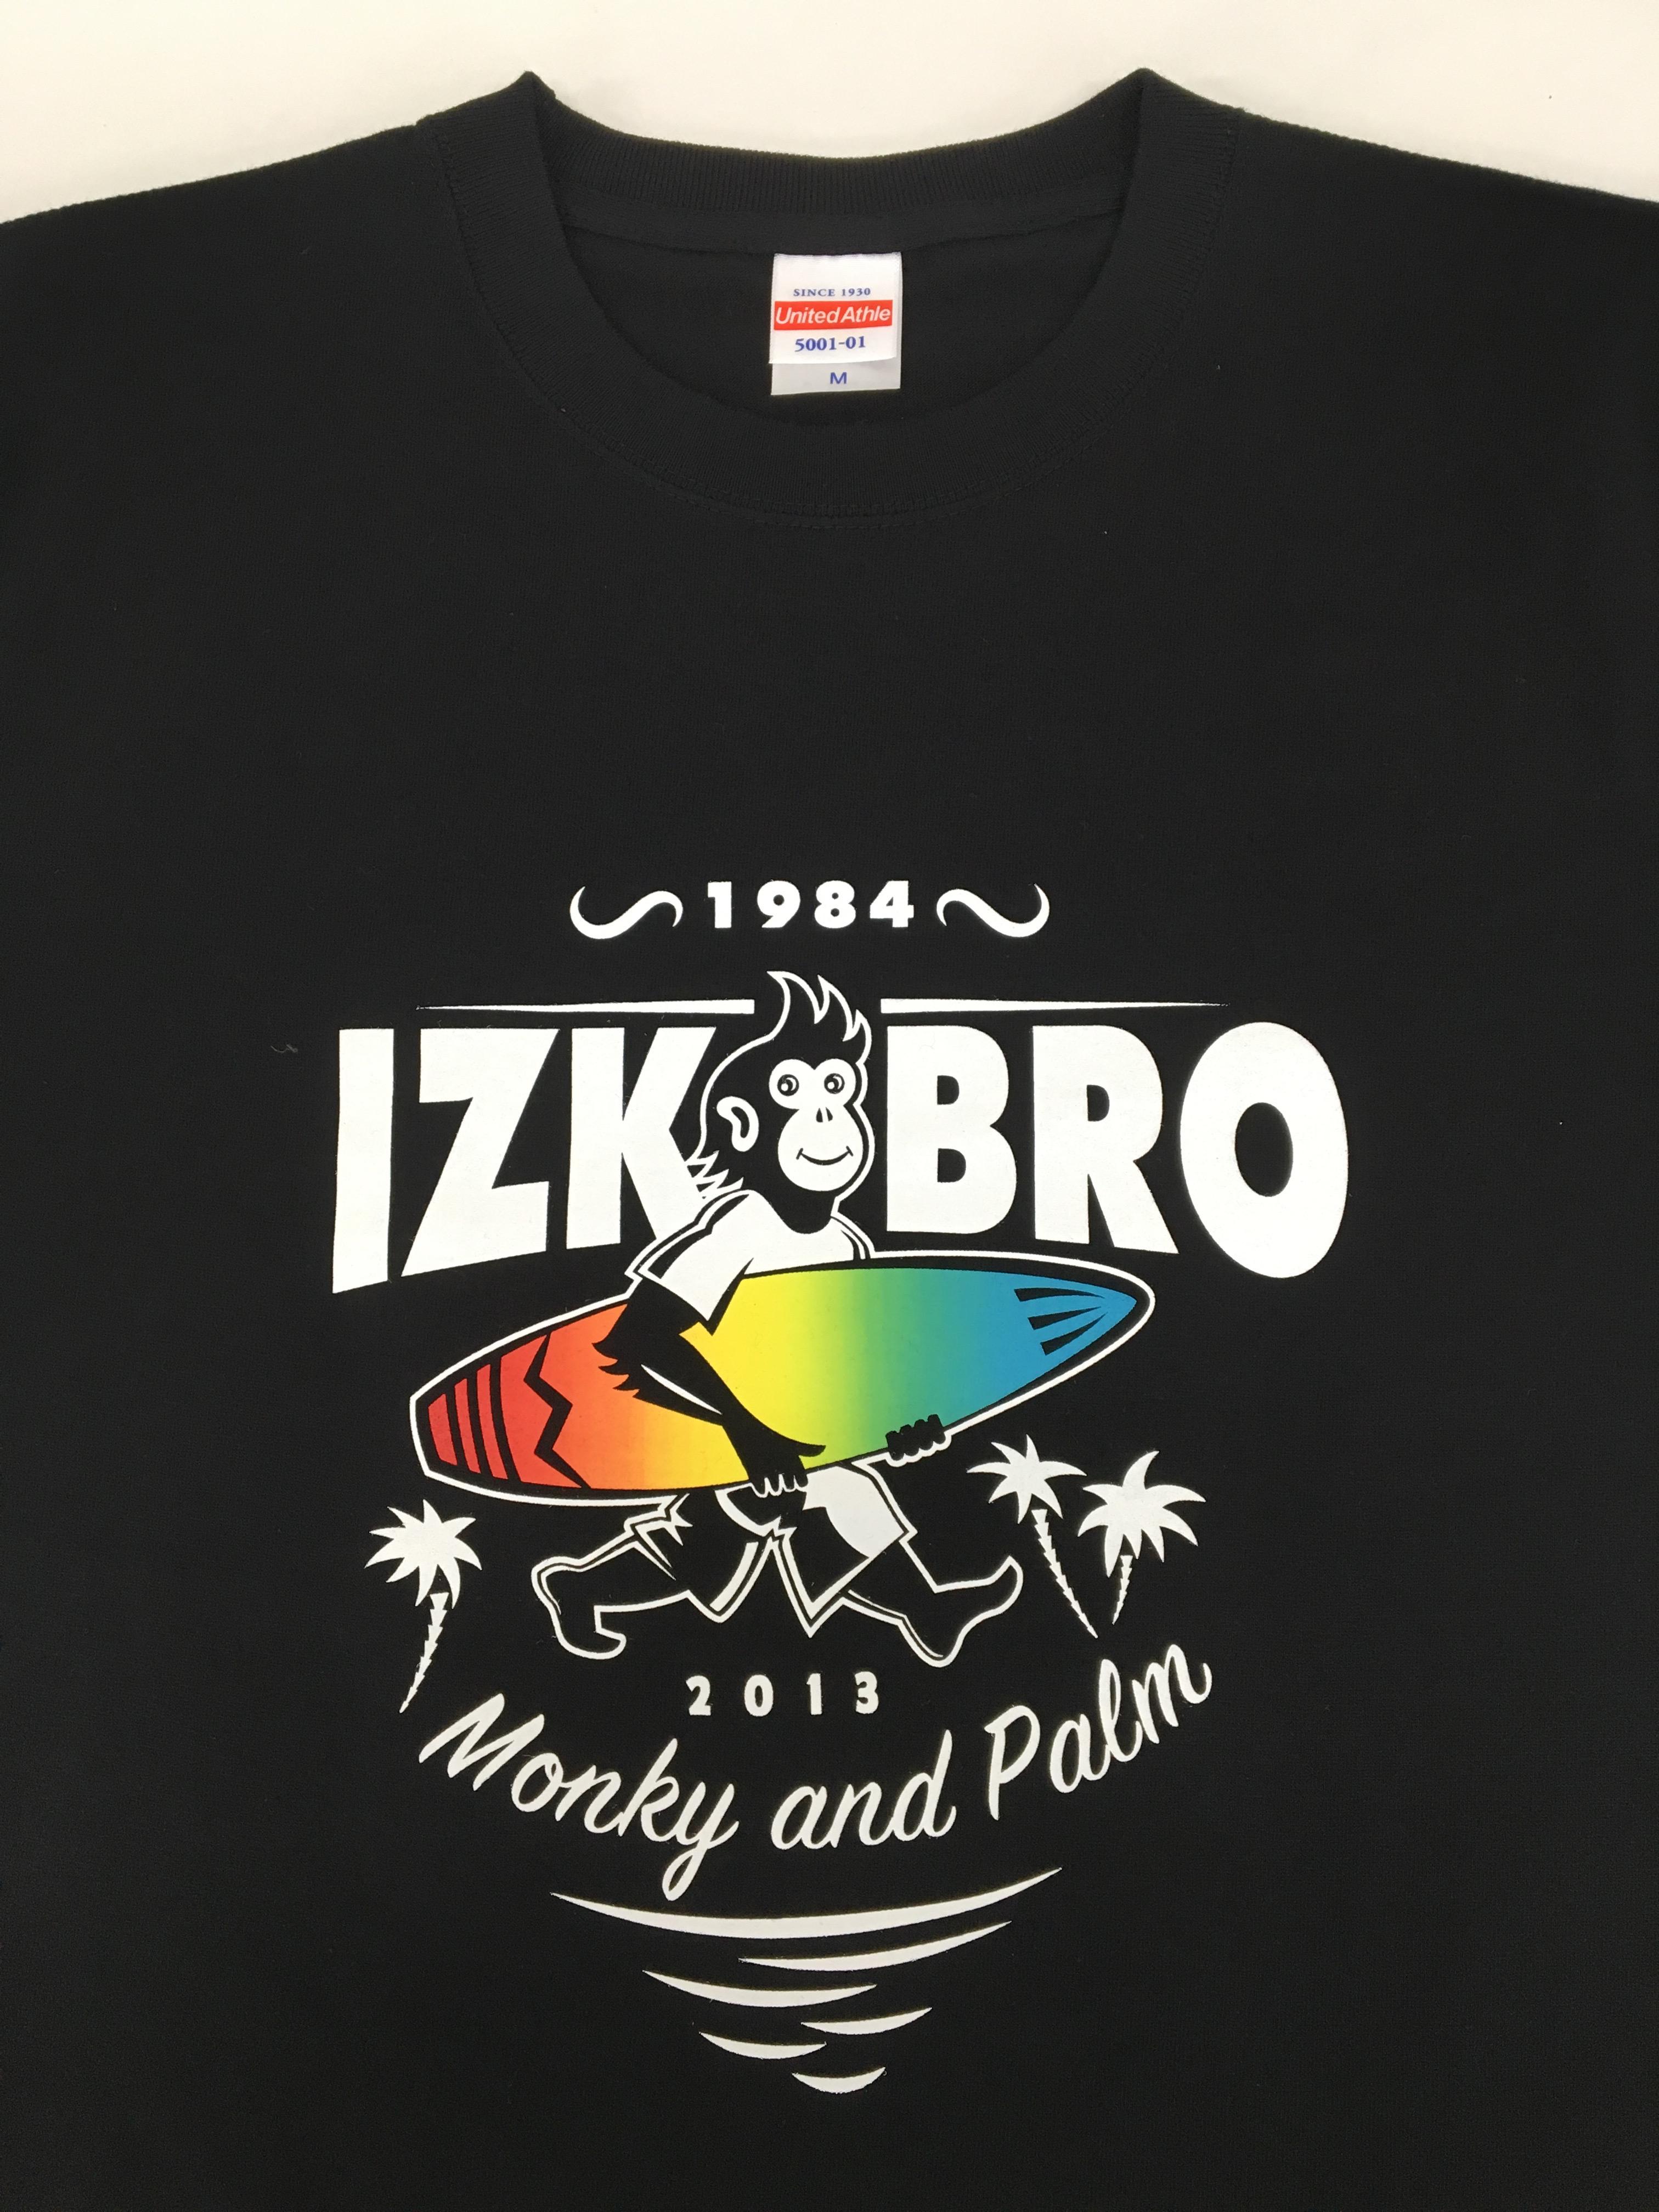 シルクスクリーンプリント「グラデーション」Tシャツ制作